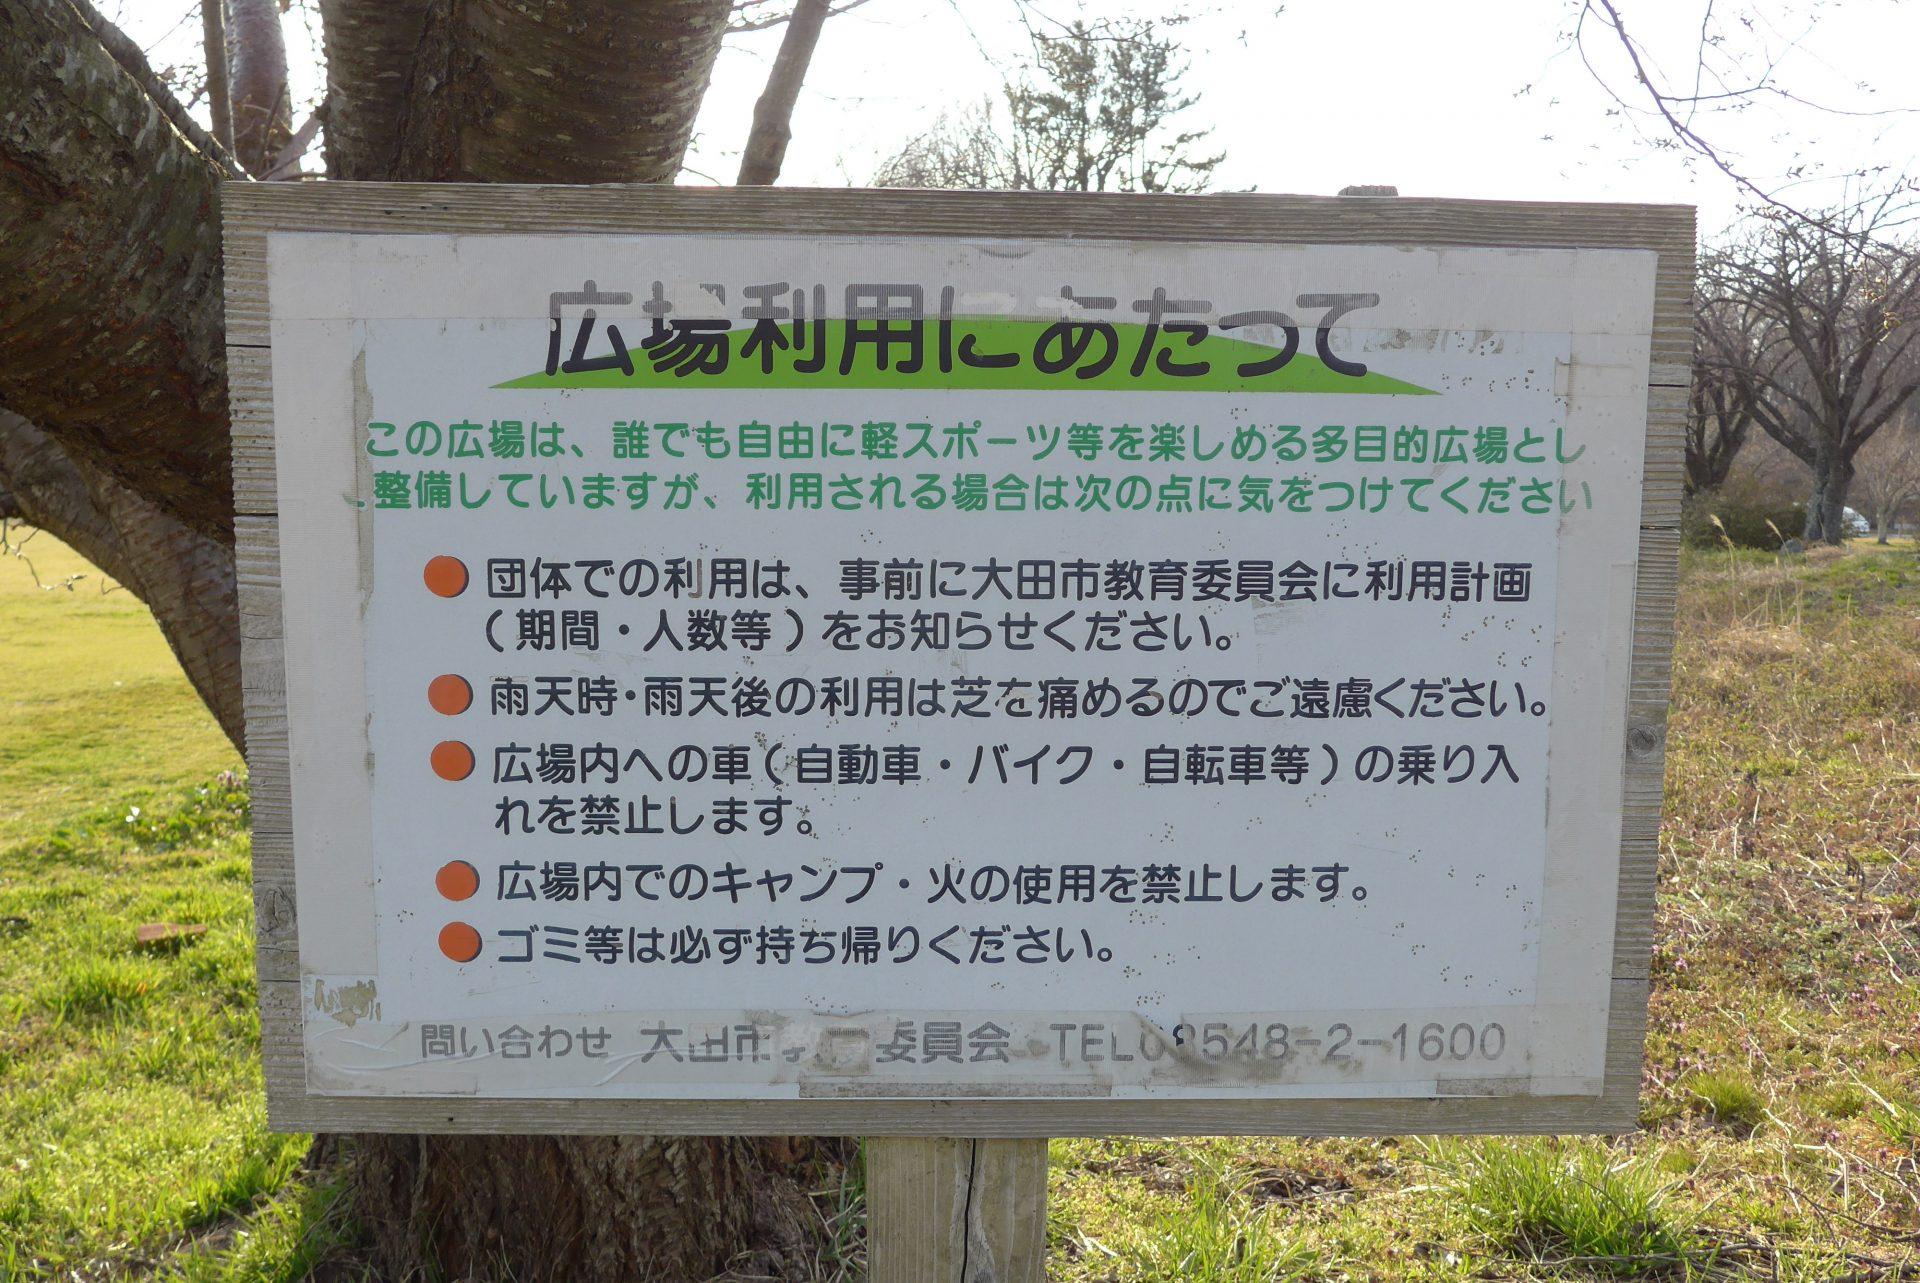 (K)島根県大田市山の駅さんべの車中泊〜持ち込みOKのレストラン